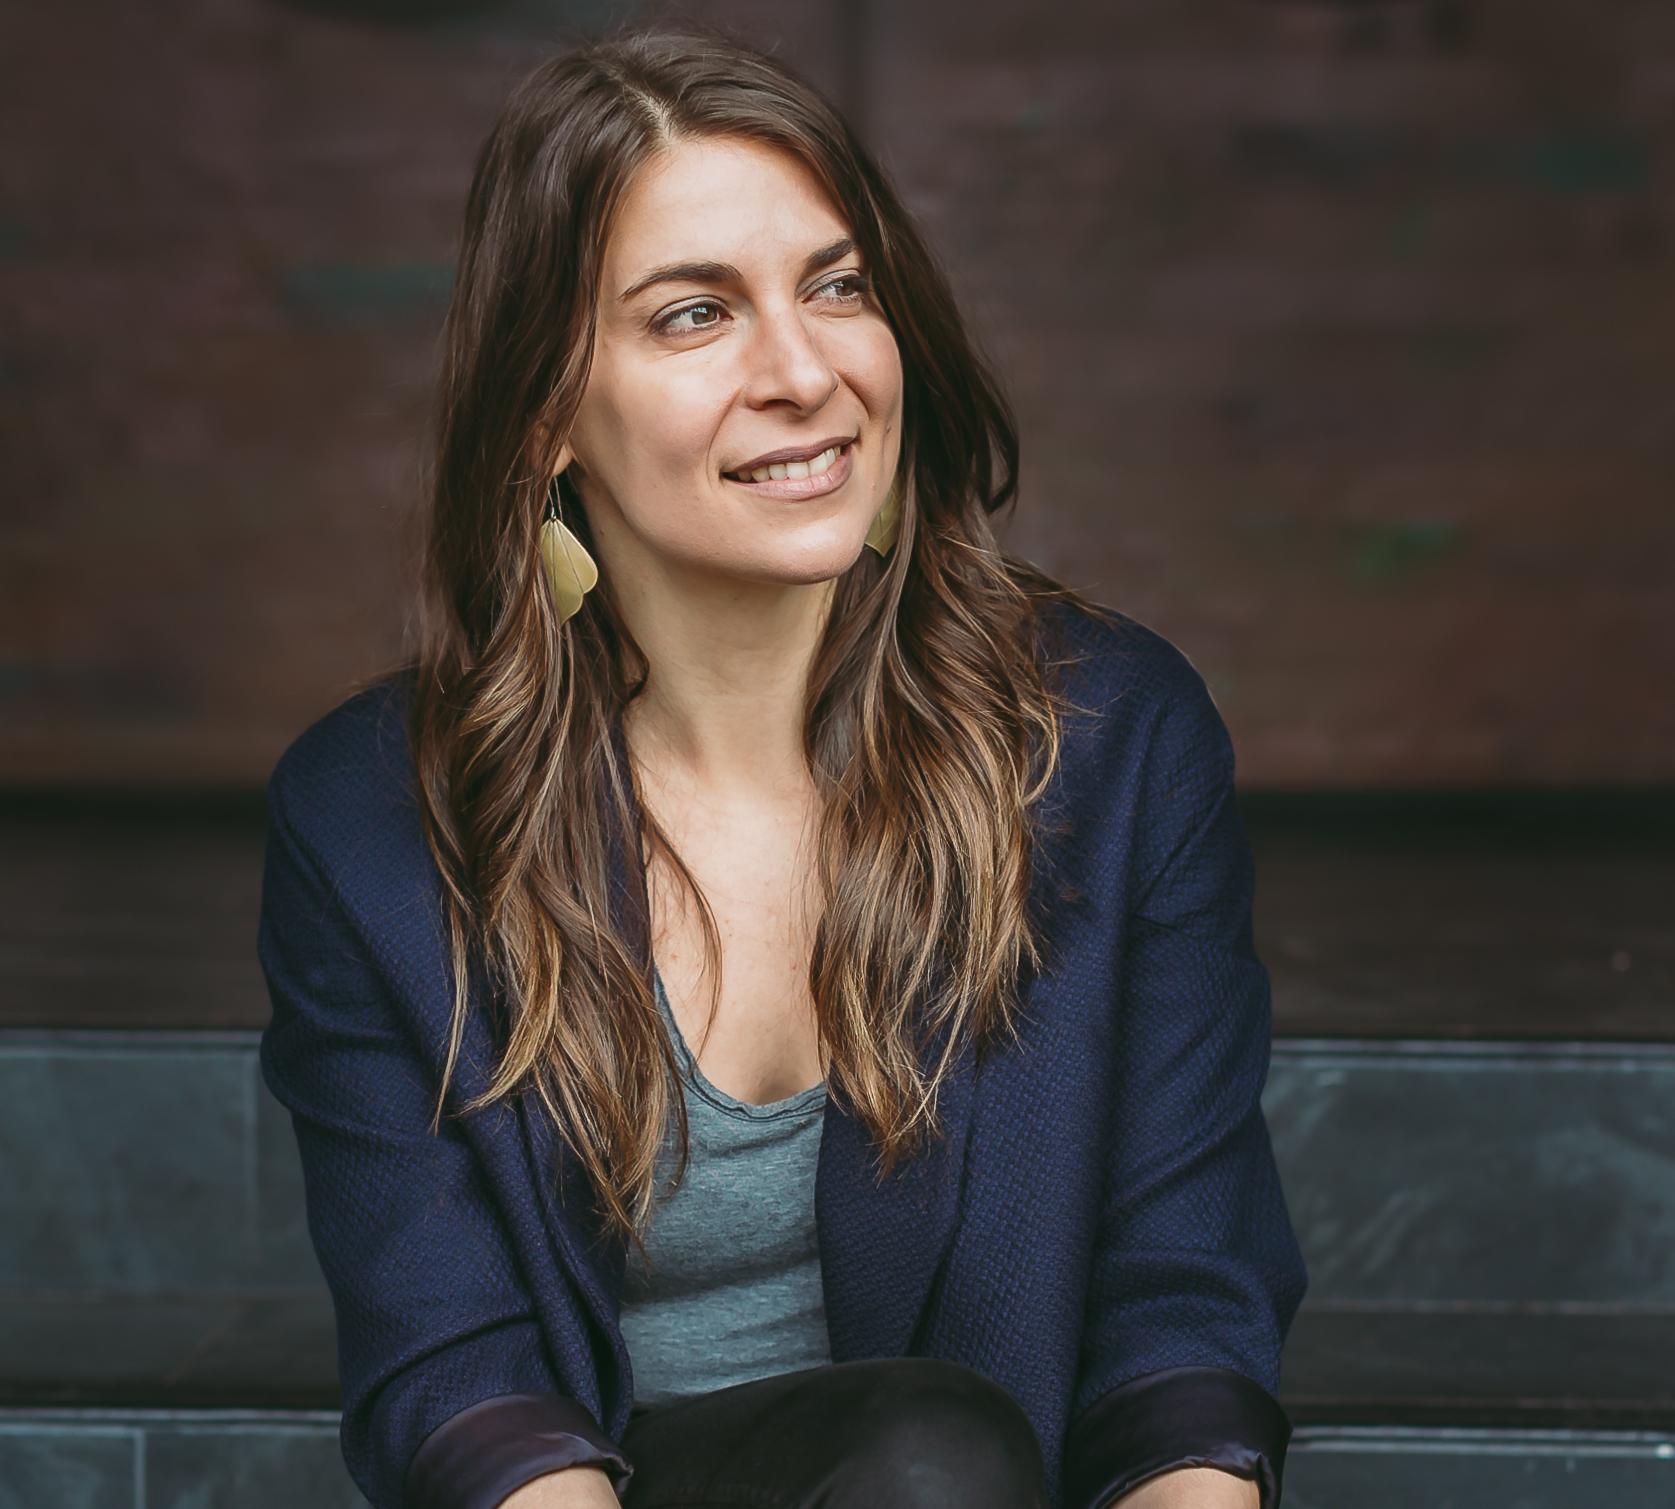 Danielle Samalin